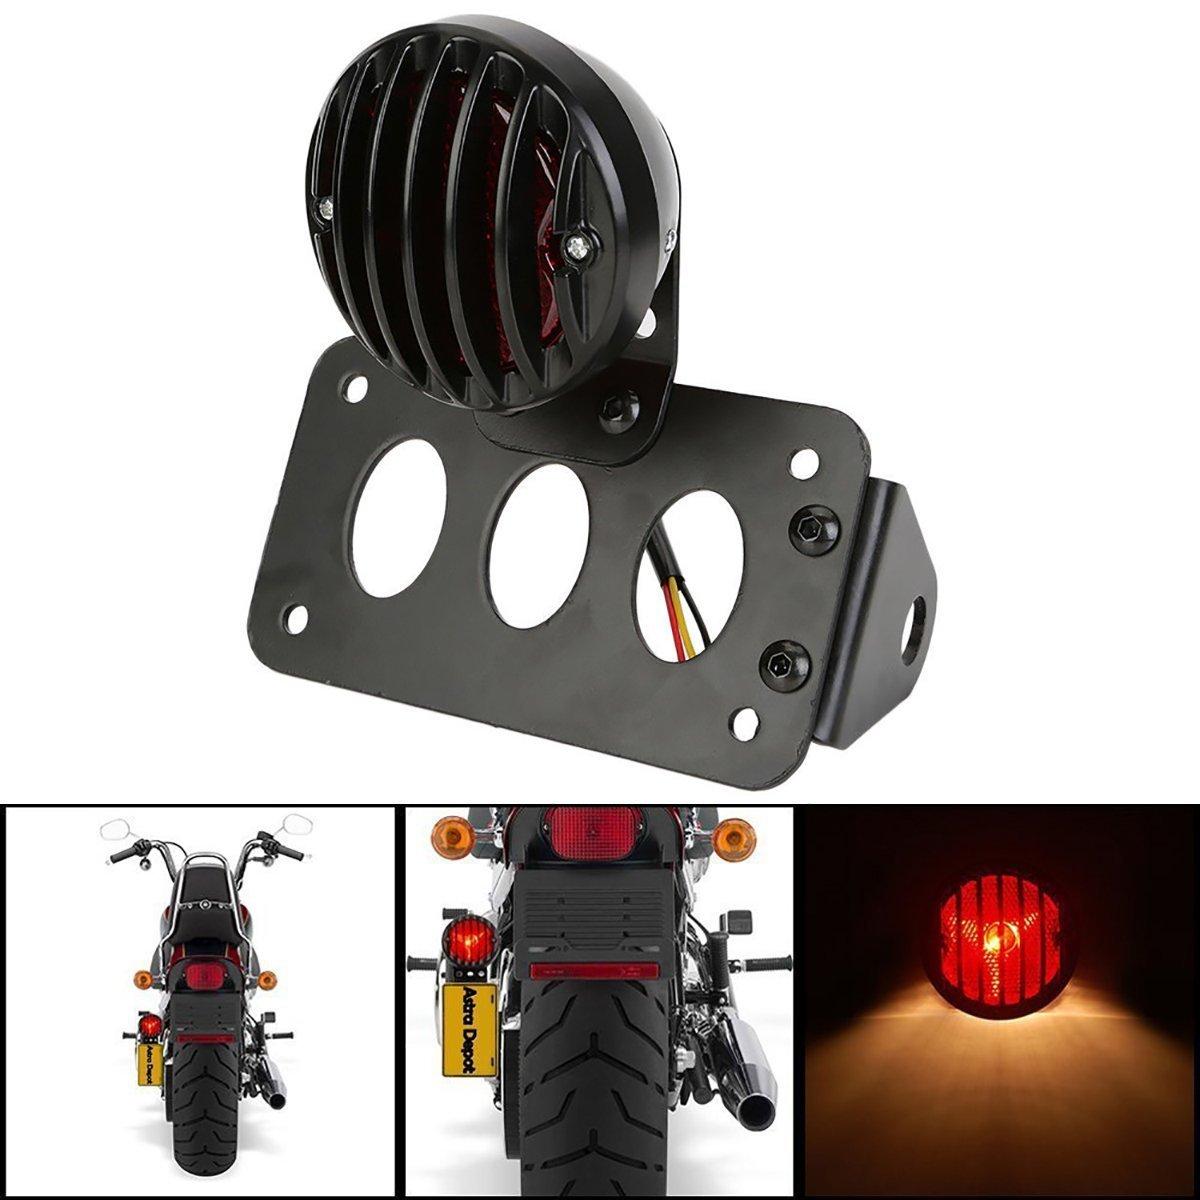 WASTUO Lampe arriè re, laté rale de Moto Noire, lumiè re de Frein, Support de Plaque d'immatriculation arriè re pour Suzuki Yamaha Harley Bobber Chopper latérale de Moto Noire lumière de Frein